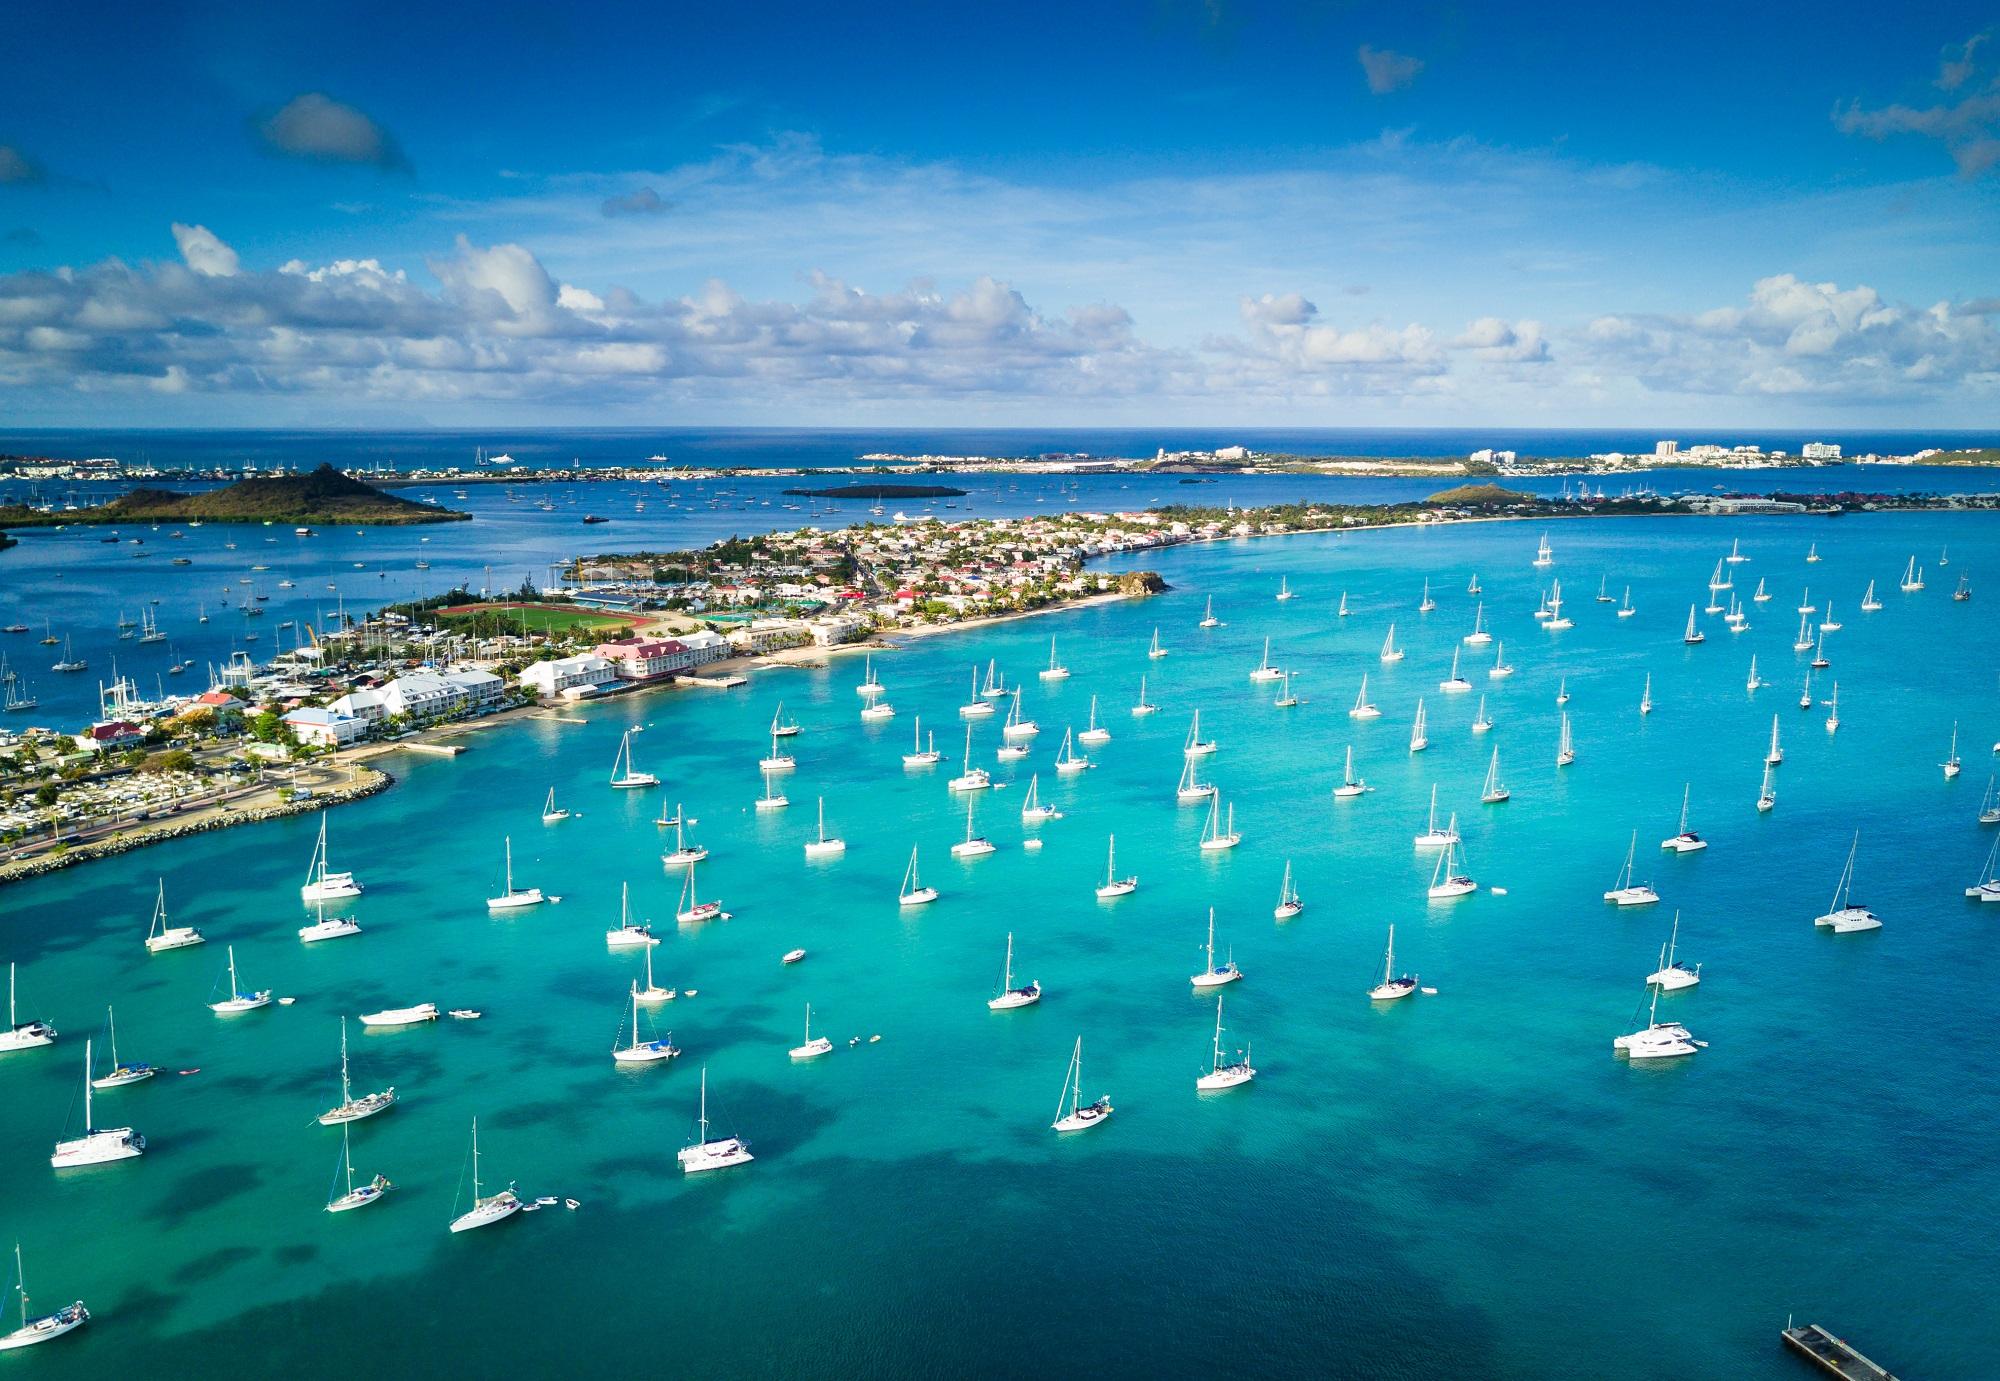 Voyages, circuits, Séjour et Autotours à Saint-Martin. Voyages aux Caraïbes. Les comptoirs du Monde, agence de voyage pour individuels et groupes